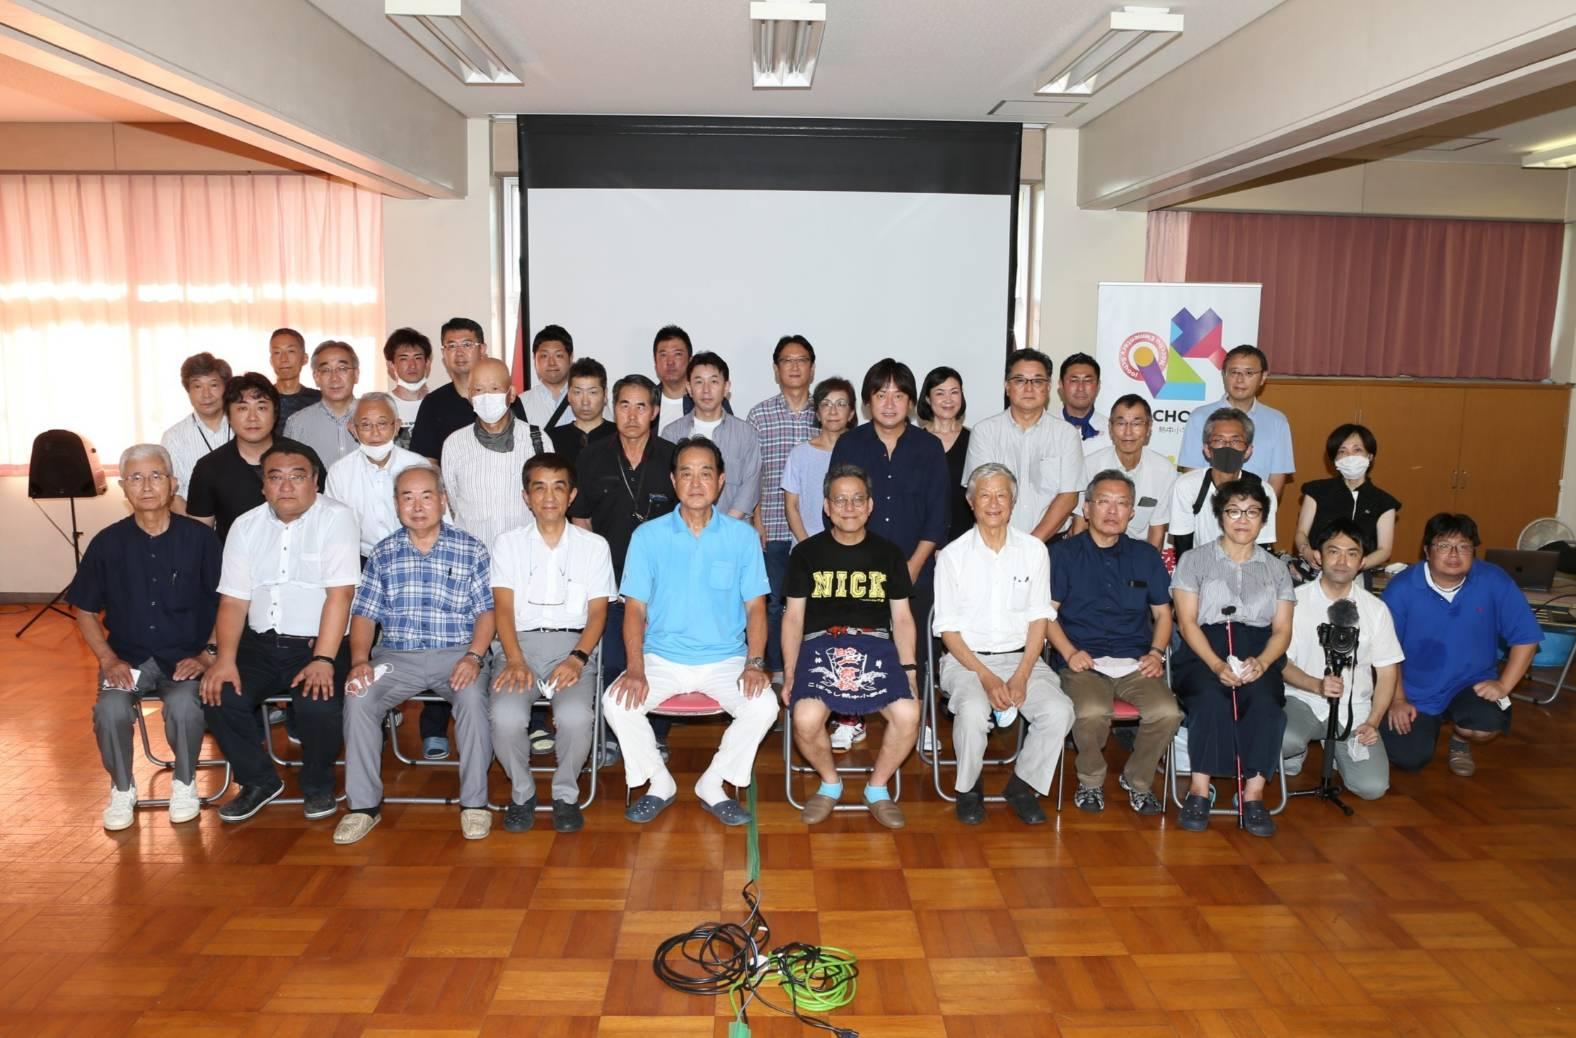 8月29日オープンスクールを開催いたしました。